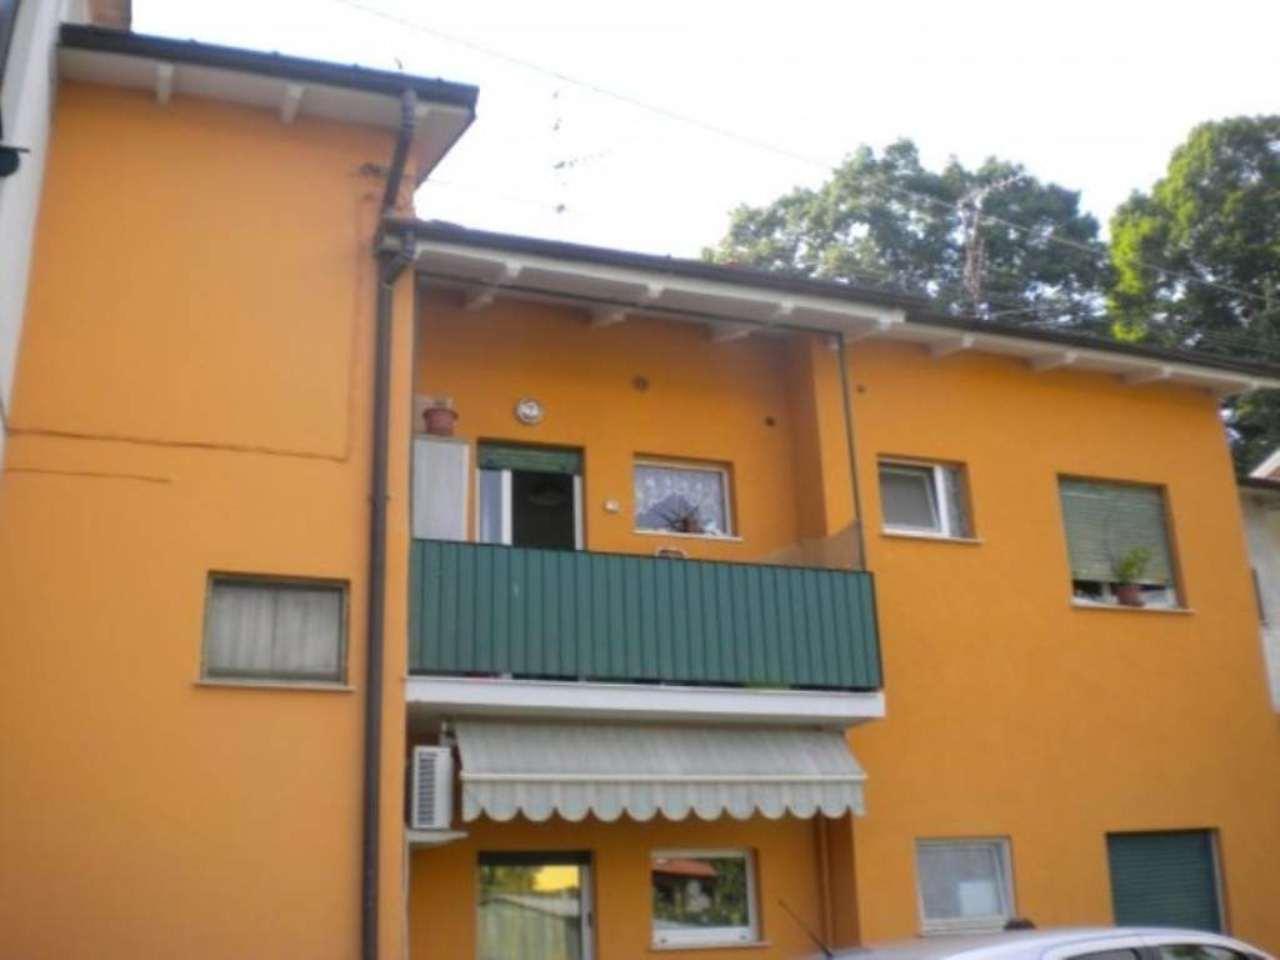 Appartamento in vendita a Casale Litta, 3 locali, prezzo € 110.000 | Cambio Casa.it